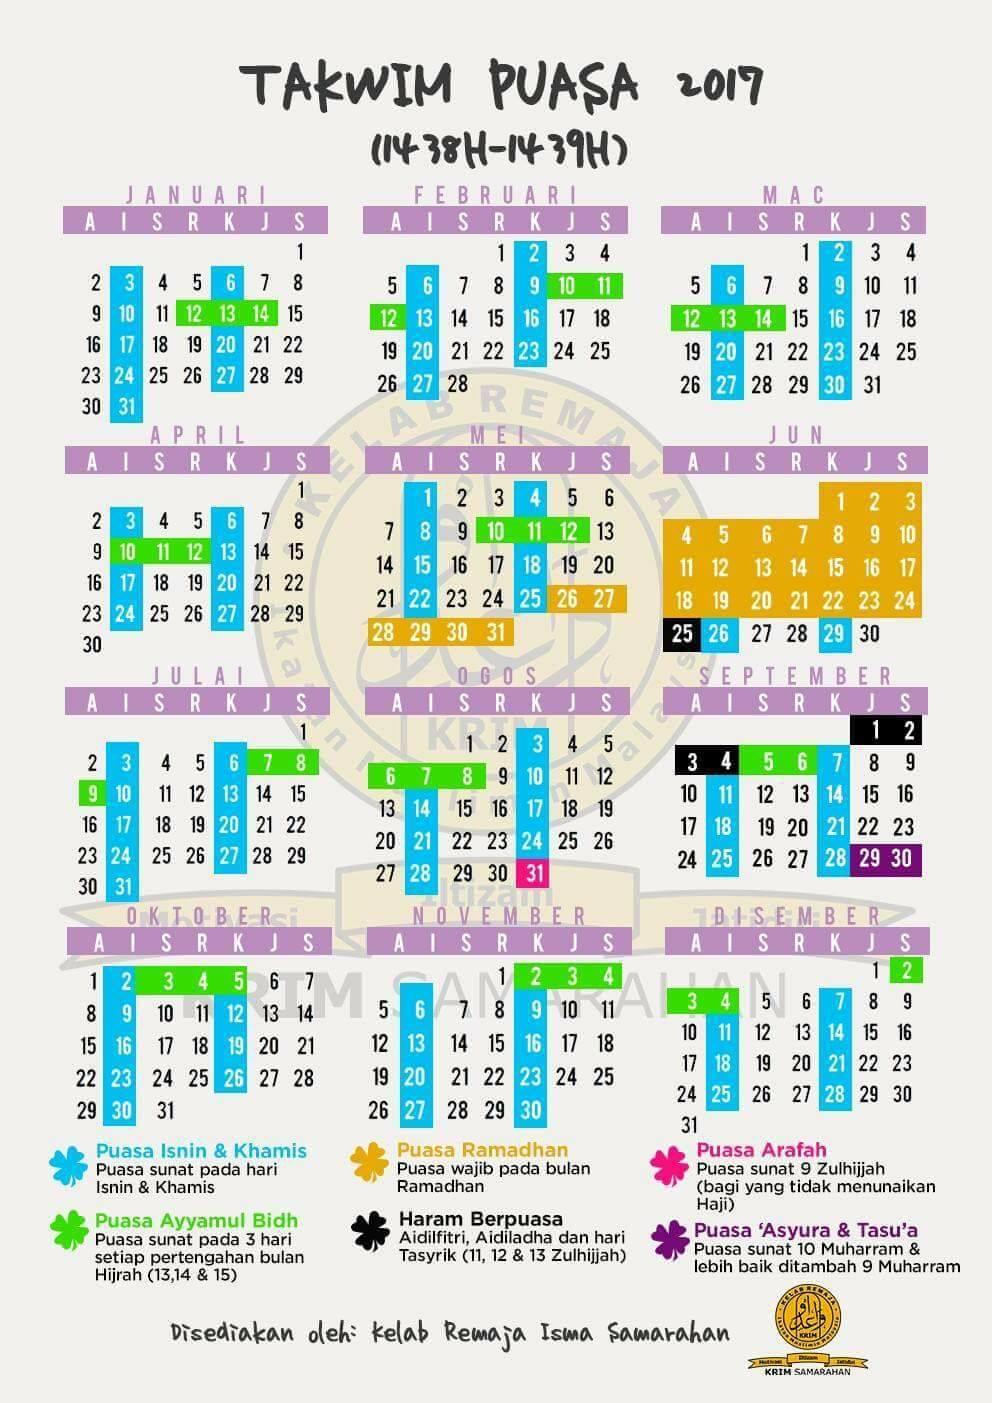 tarikh puasa sunat dan wajib 2017